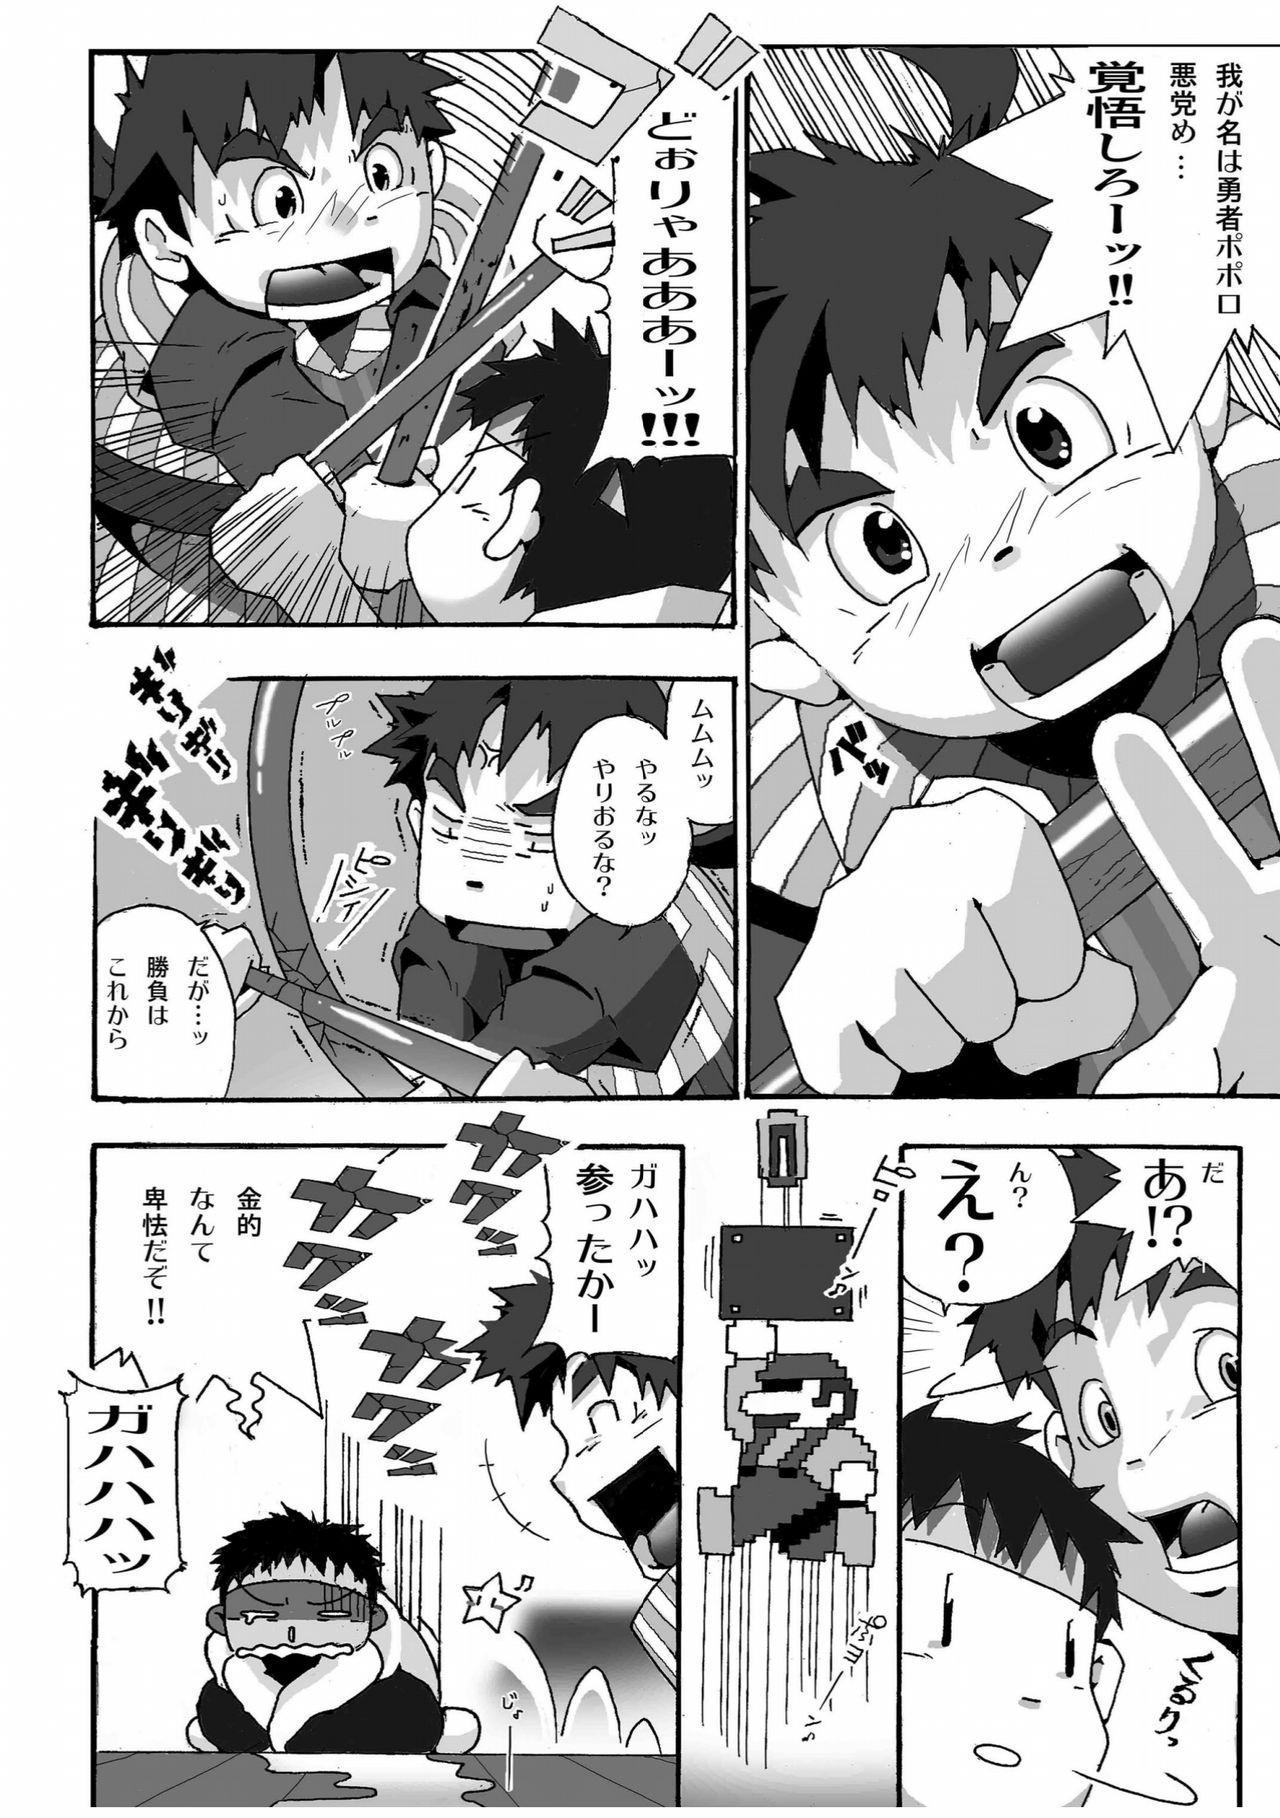 Torneko no Himitsu 3